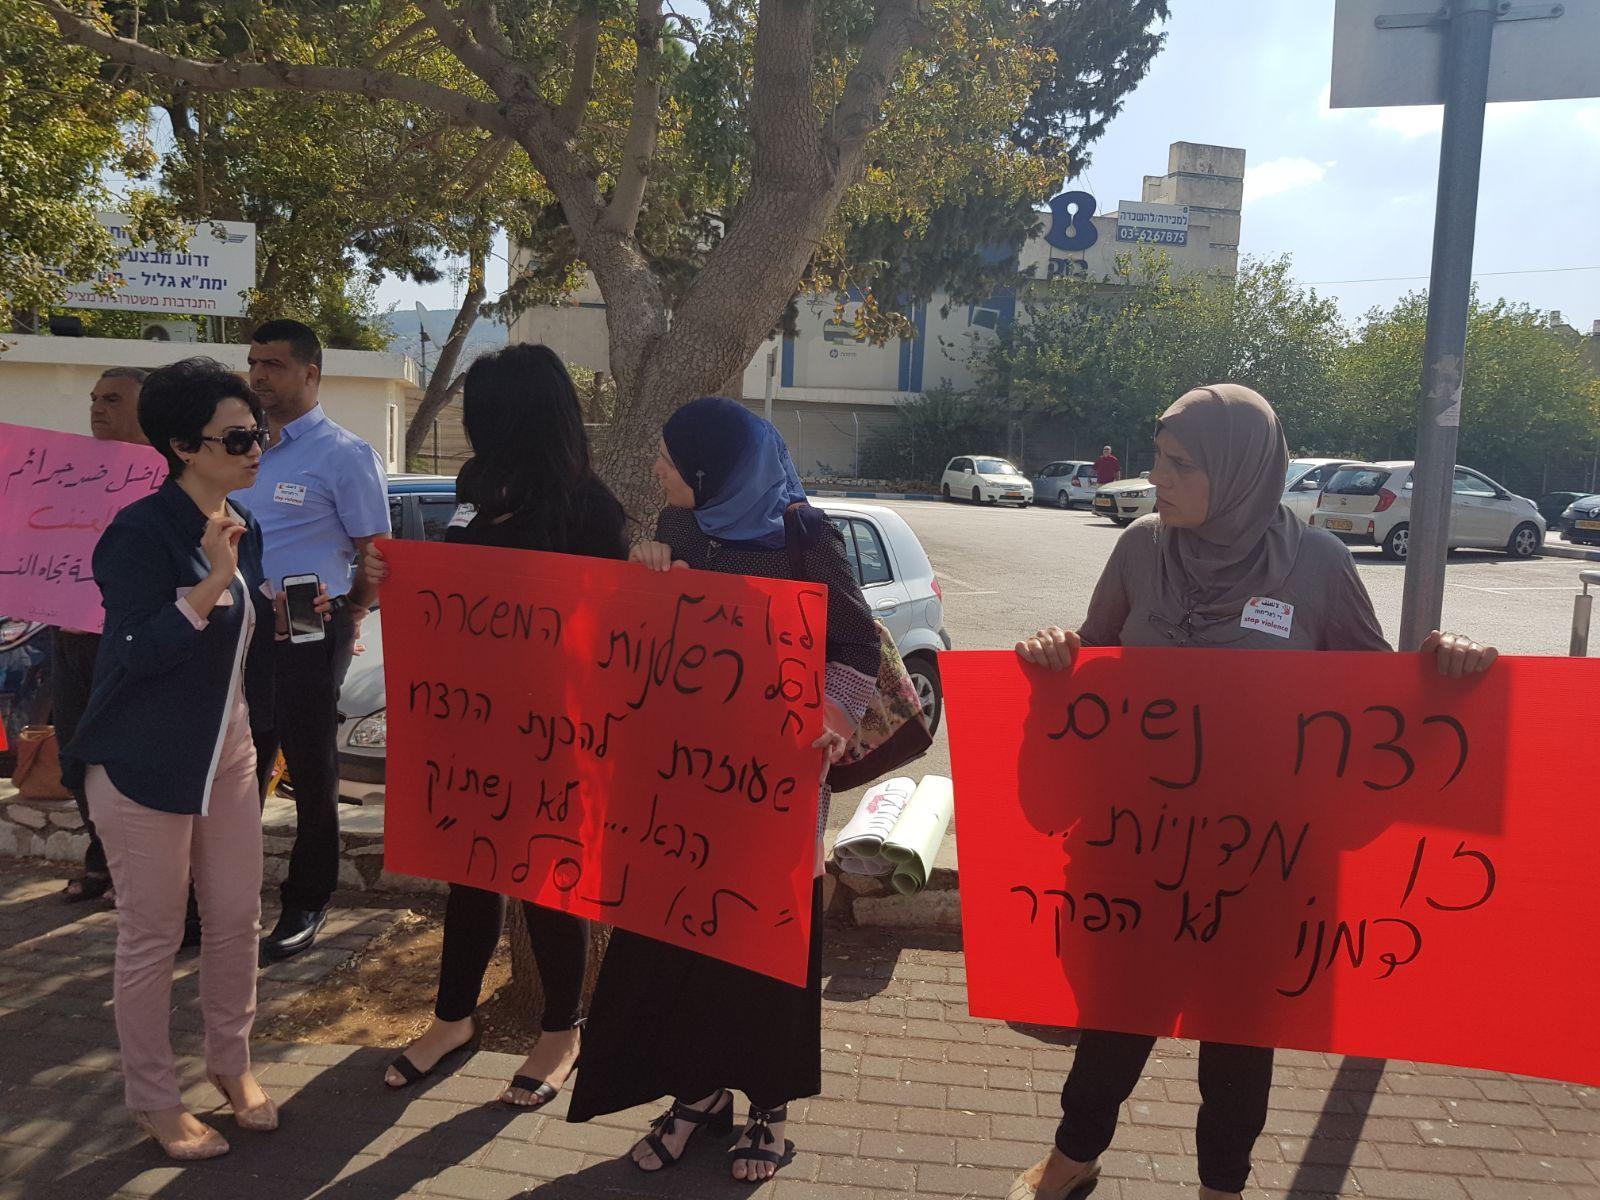 الاحتجاجات تتواصل ضد الجريمة مقابل شرطة كرميئيل